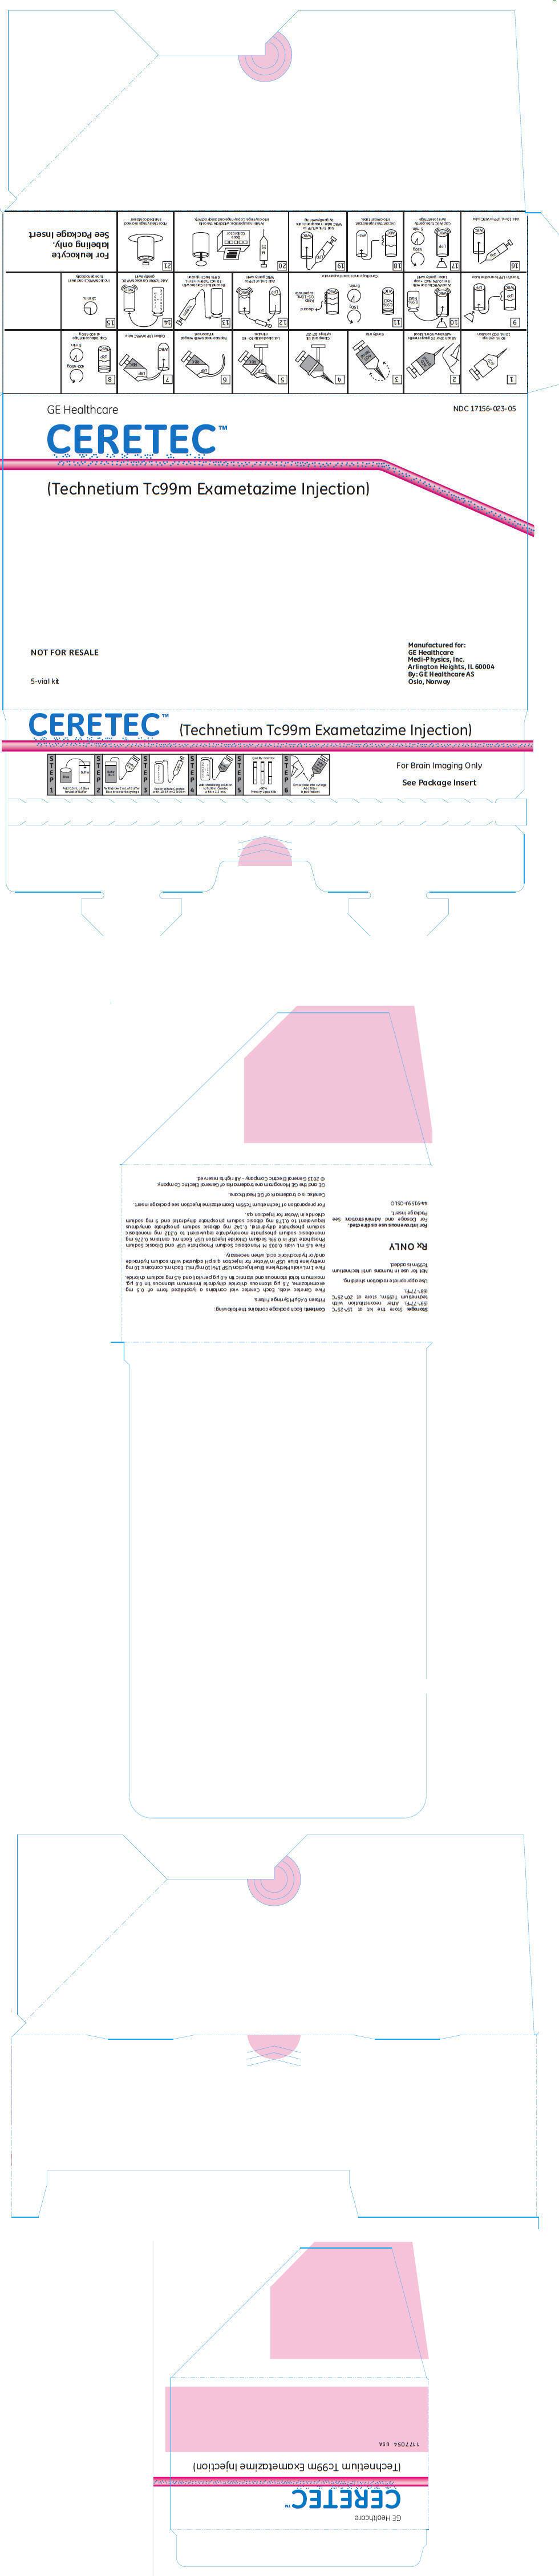 Ceretec (Exametazime) Kit [Medi-physics Inc.]